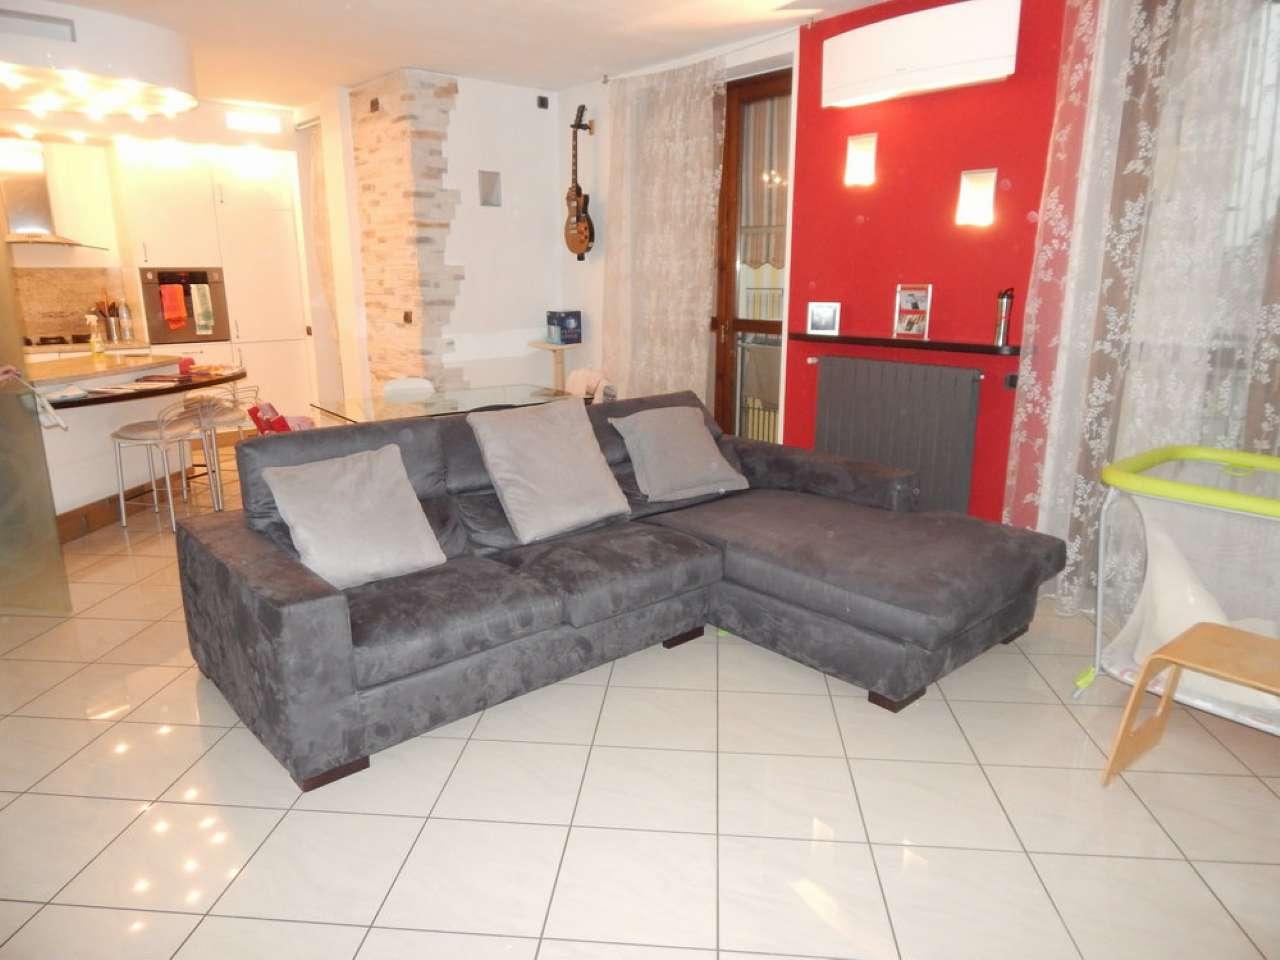 Appartamento in vendita a Castel Rozzone, 3 locali, prezzo € 125.000 | CambioCasa.it